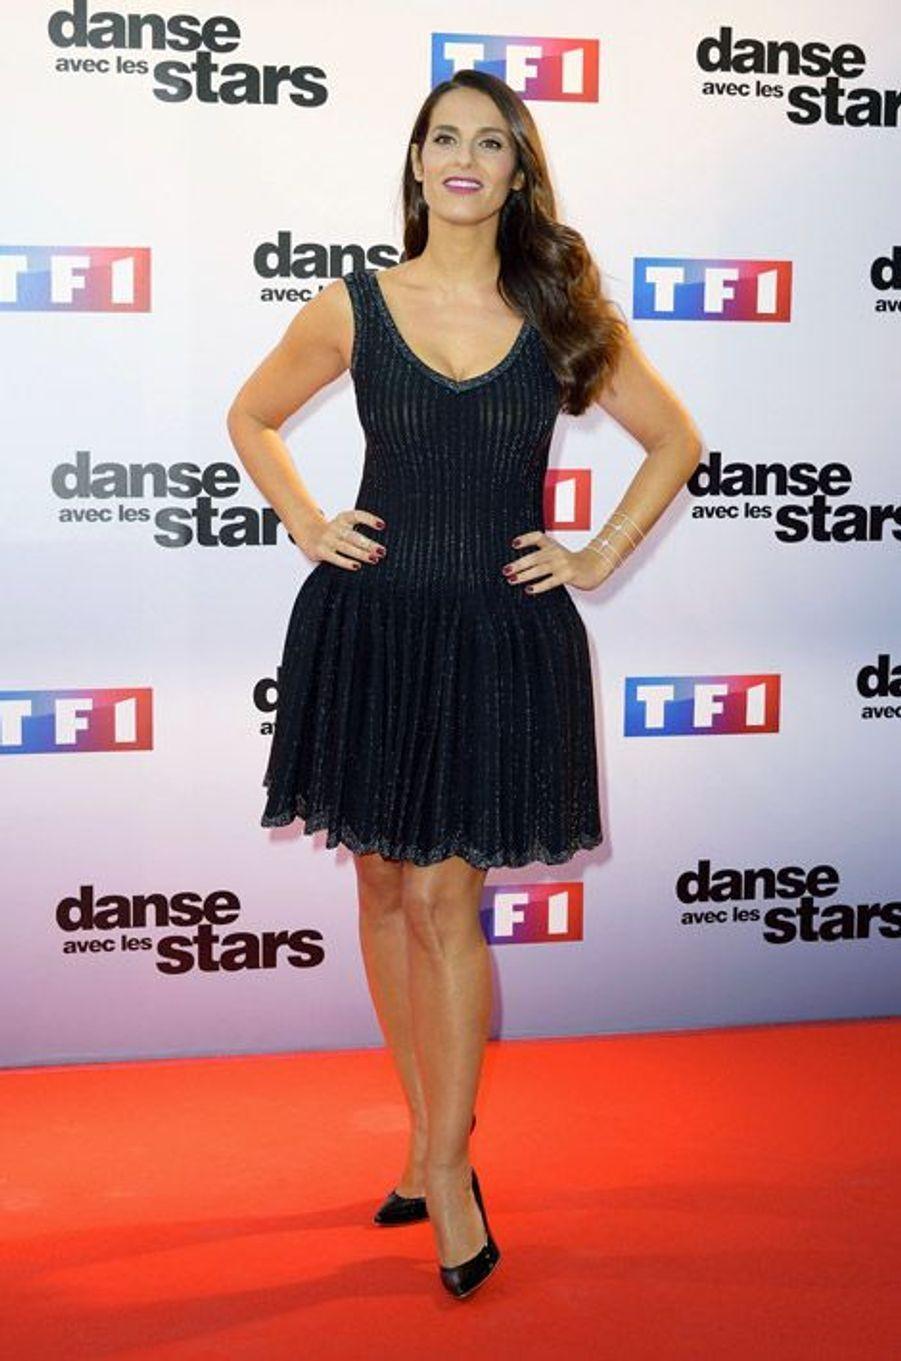 La chanteuse Elisa Tovati lors de la conférence de presse de Danse avec les stars 5, le 10 septembre 2014 à Paris